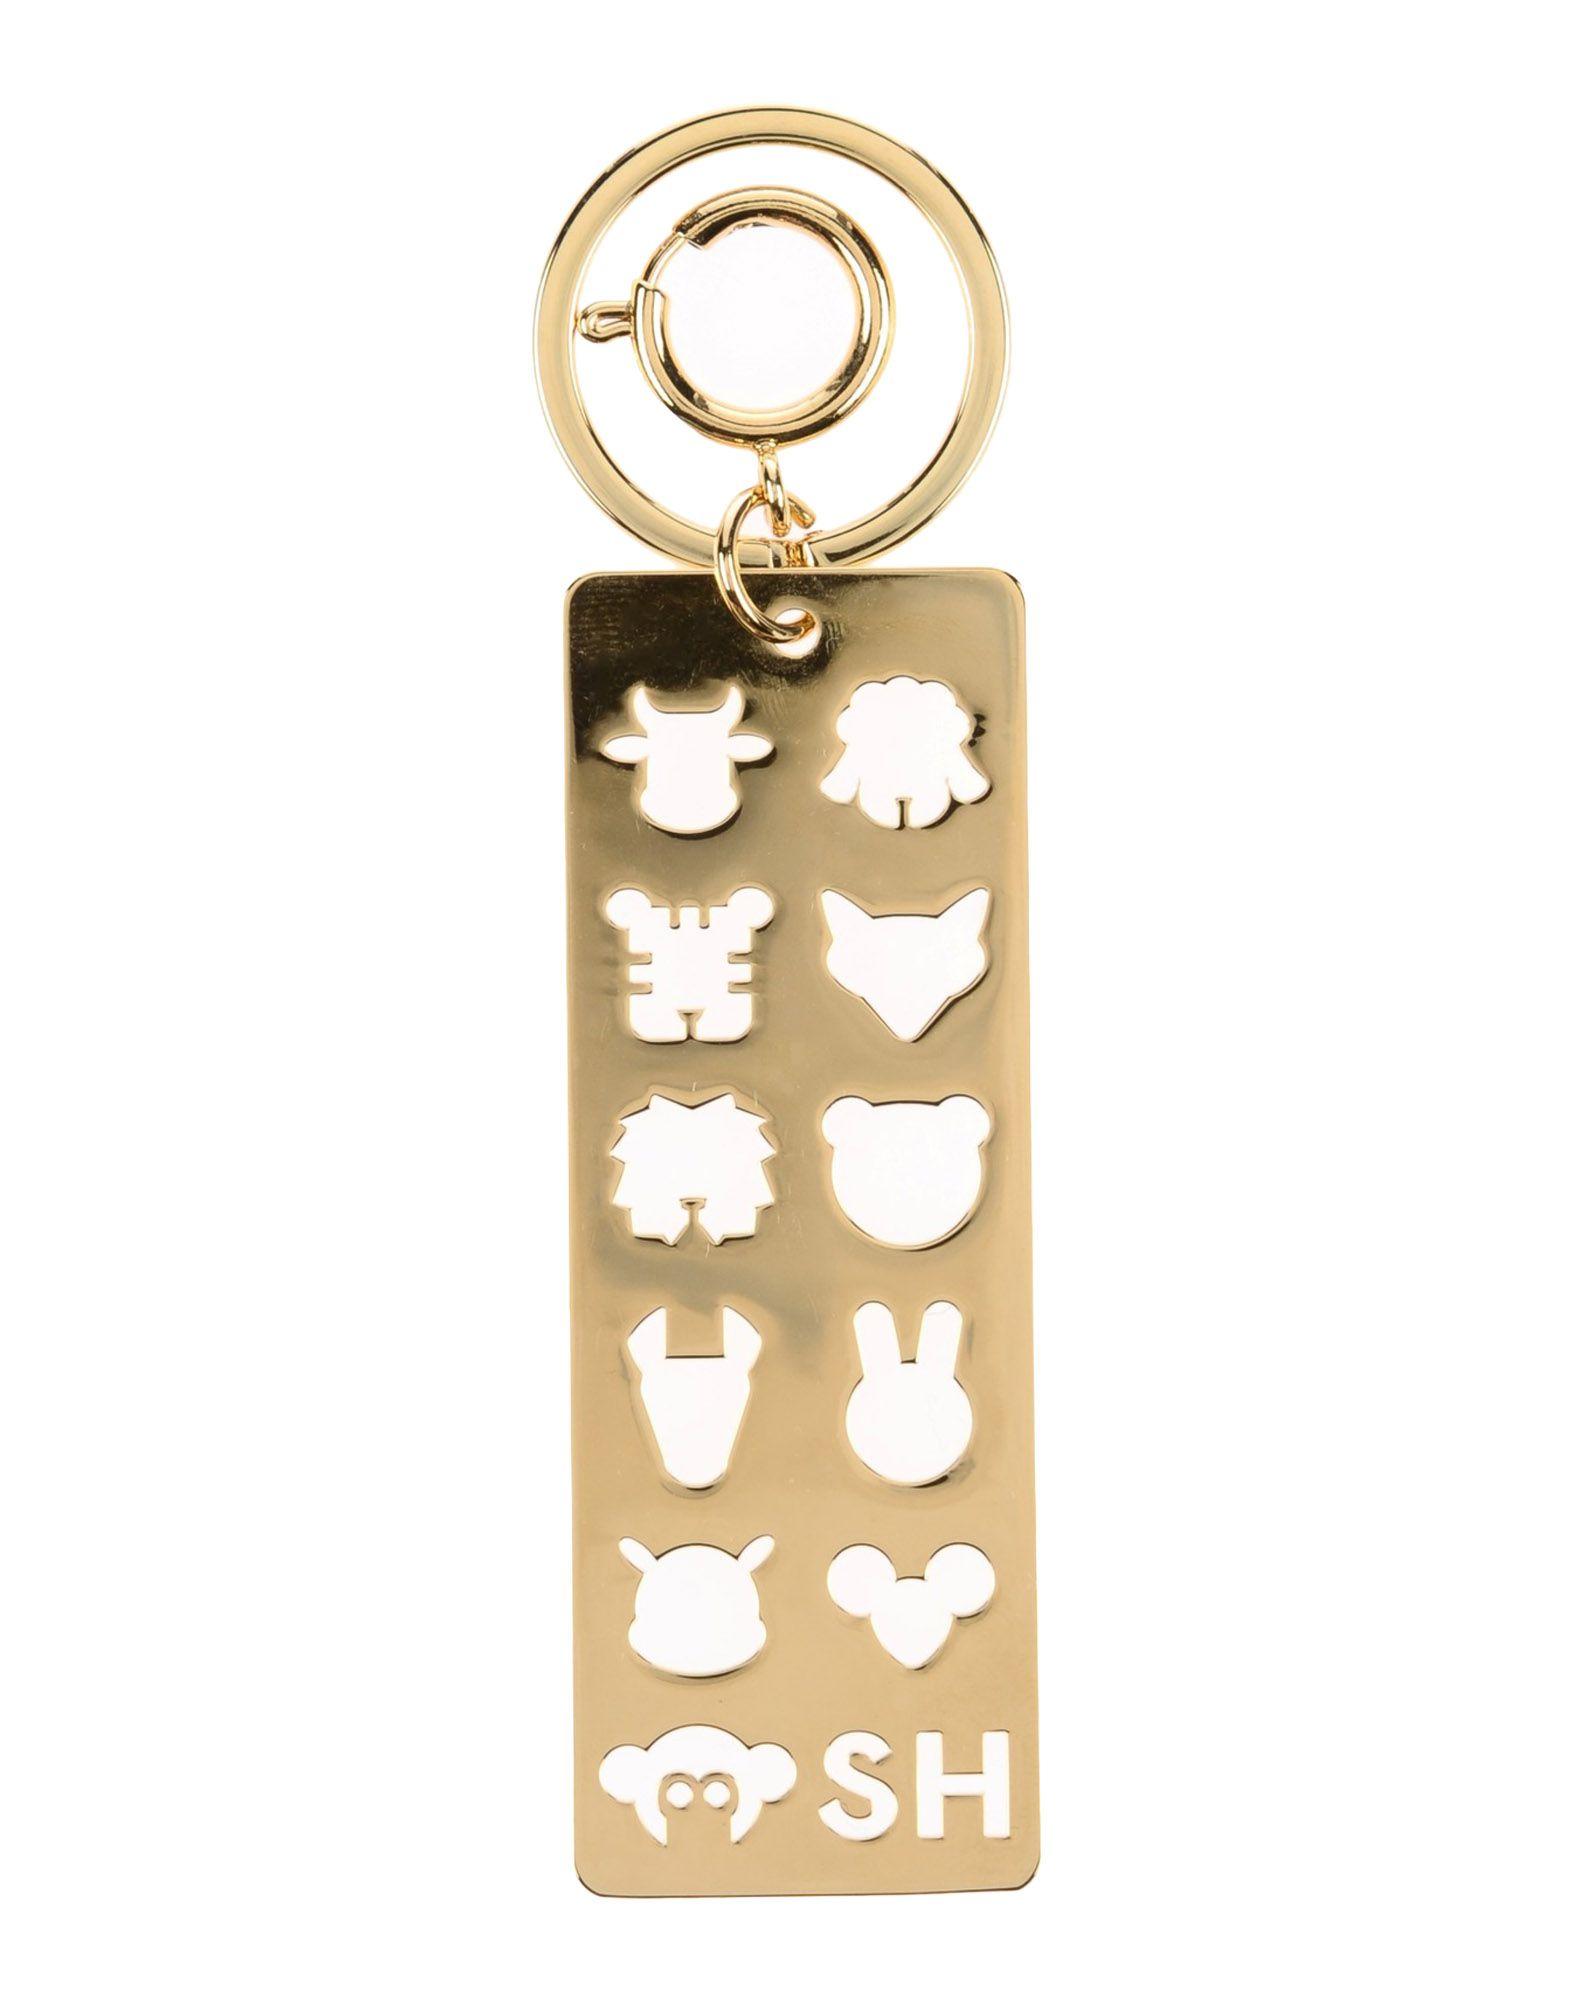 SOPHIE HULME Брелок для ключей брелок для ключей lego lego 853792 брелок для ключей разделитель для кубиков